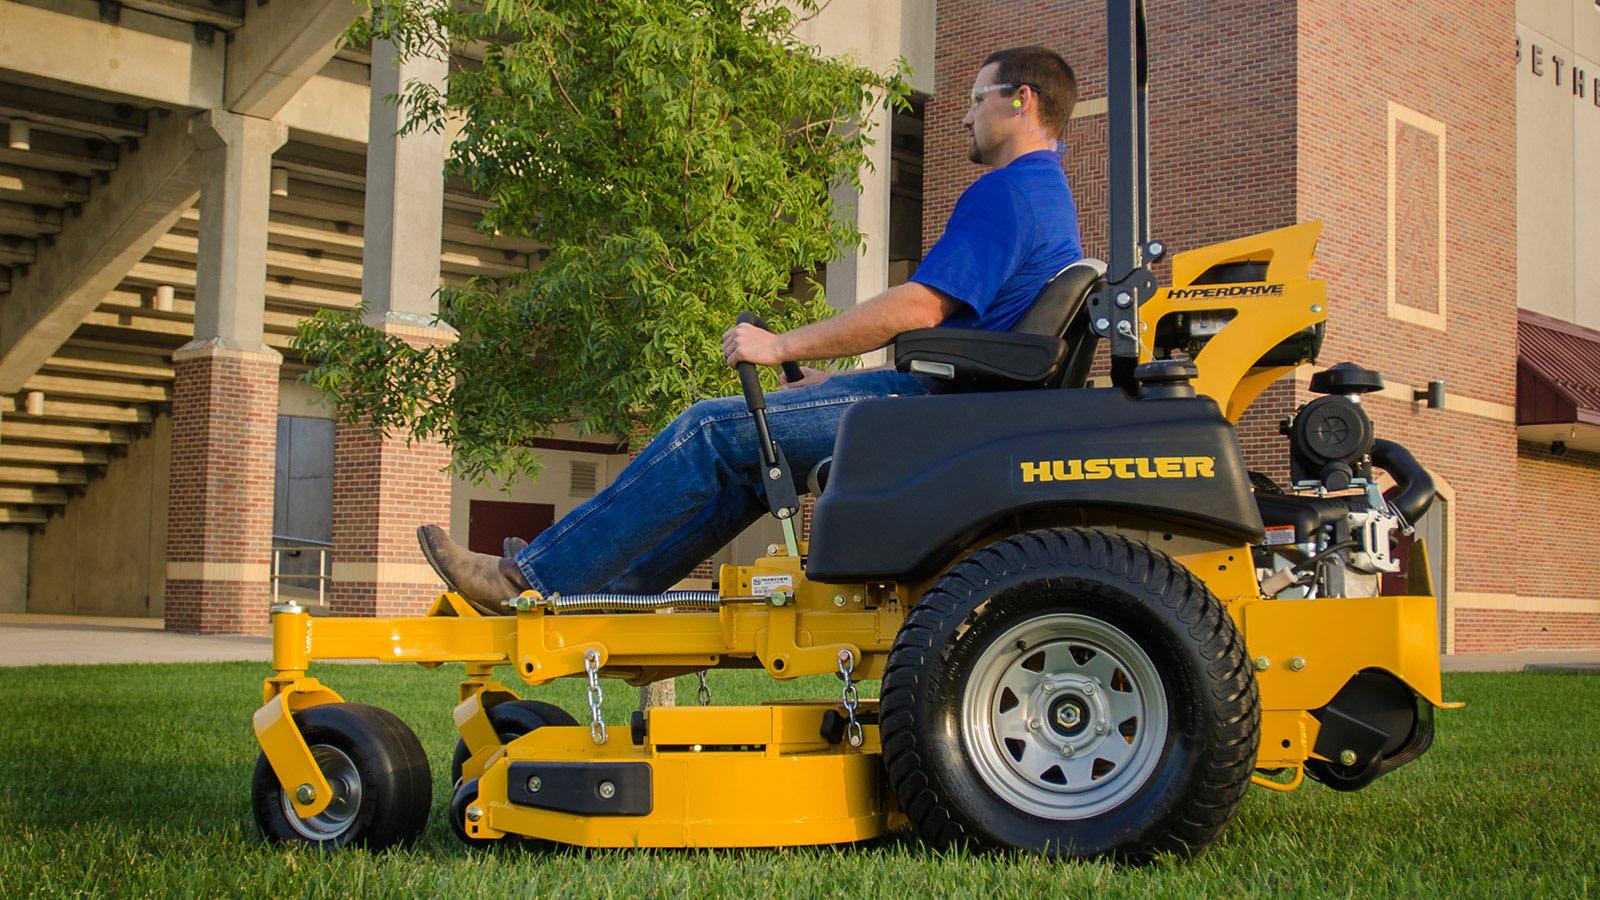 טרקטורוני כיסוח דשא תעשייתיים של האסלר - דגם SUPER Z HYPERDRIVE